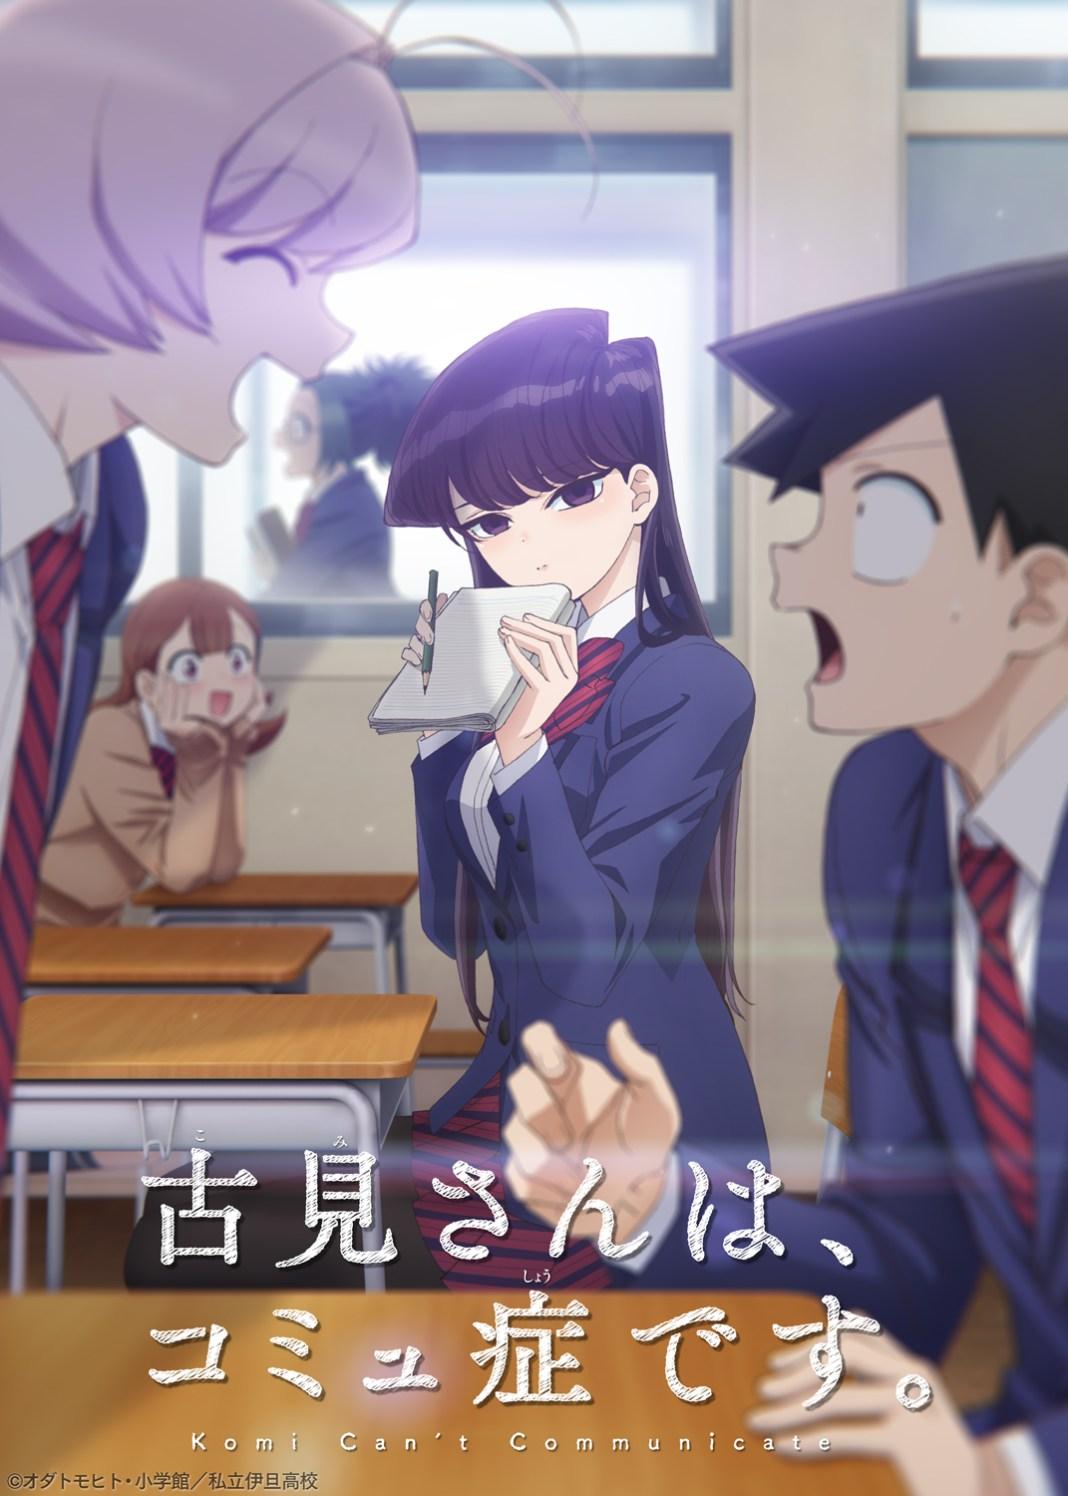 Video Promosi Telah Dirilis, Adaptasi Anime dari Manga Komi Can't Communicate Akan Tayang Perdana Oktober 2021 5